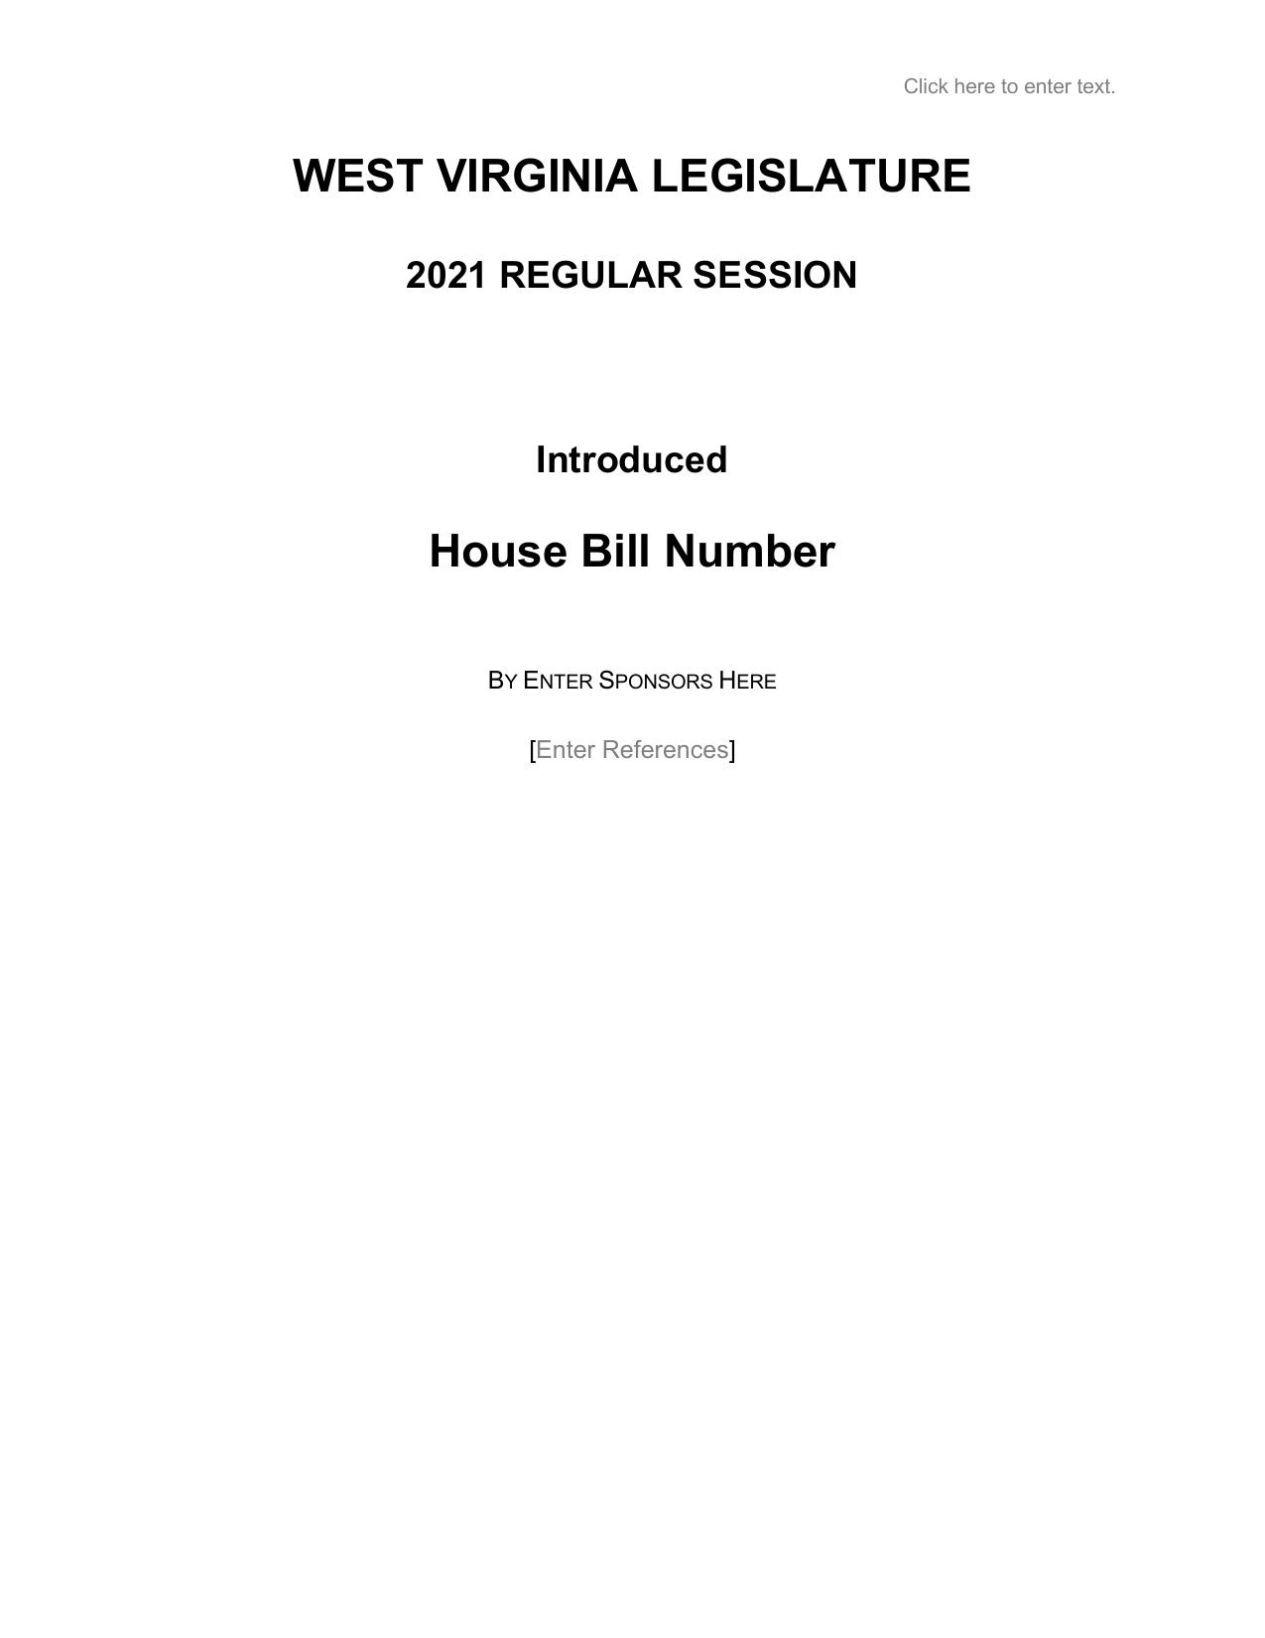 Tax Bill Text